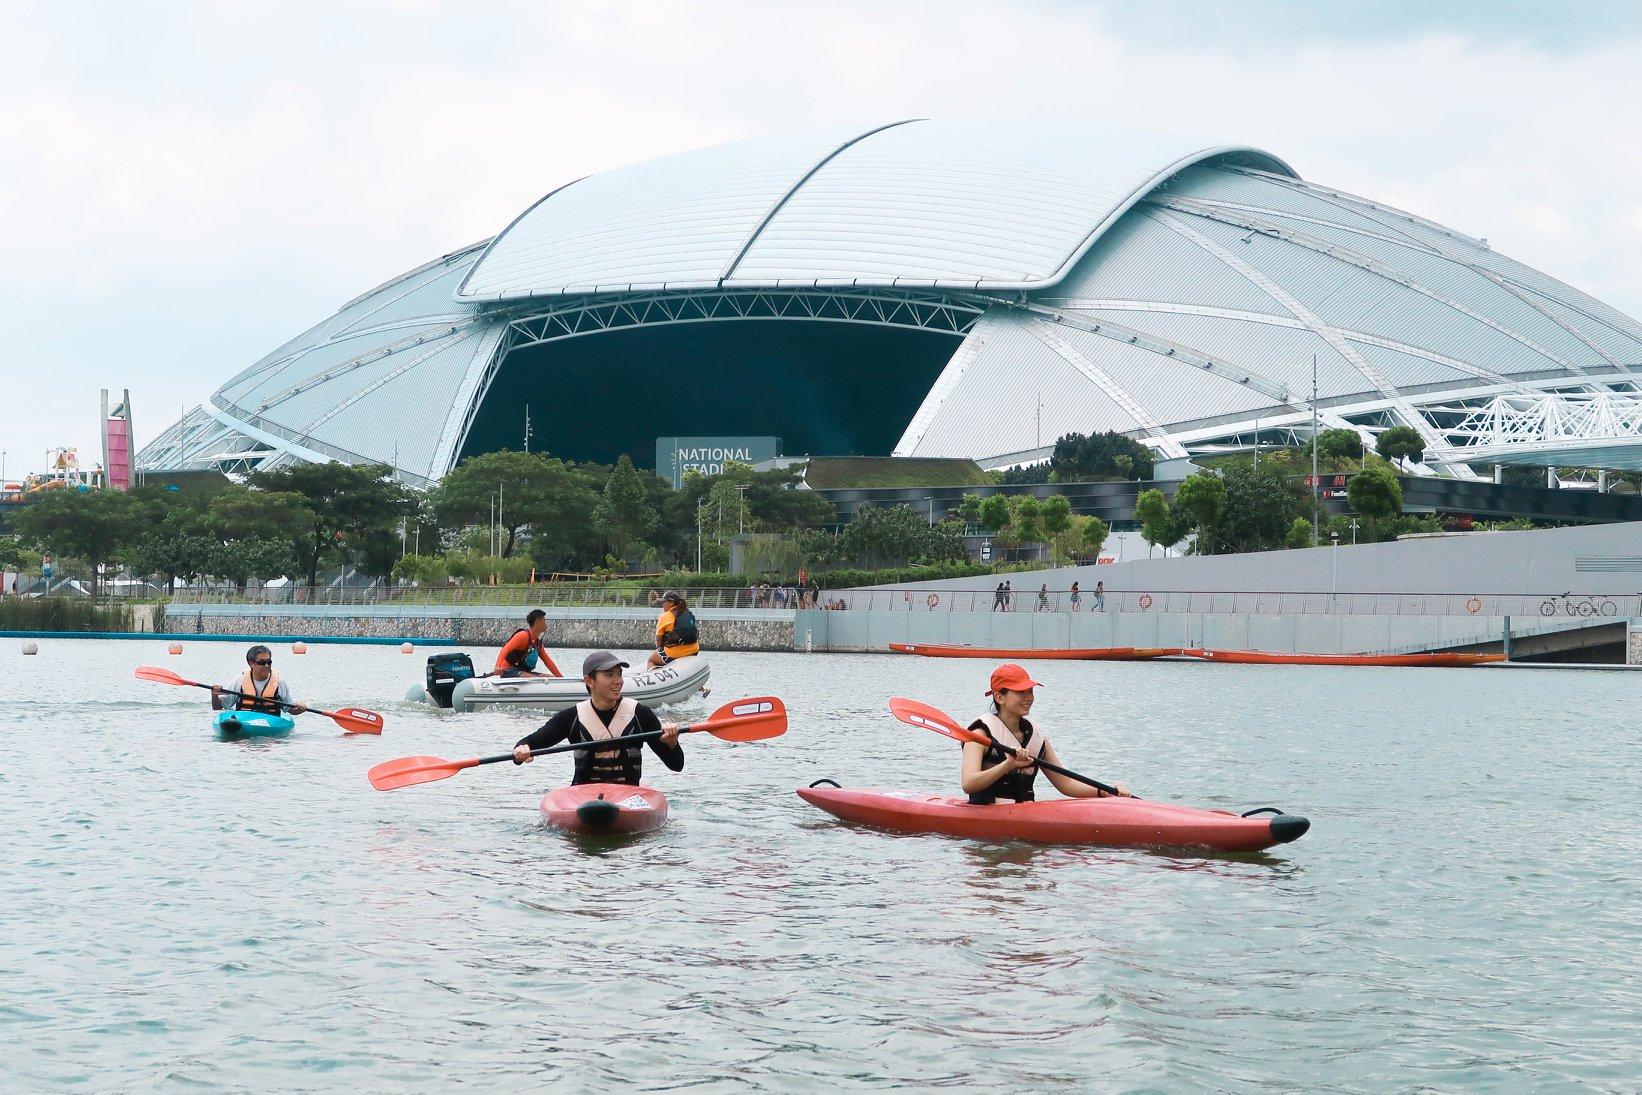 Kayakers kayaking at Marina Bay along sports hub